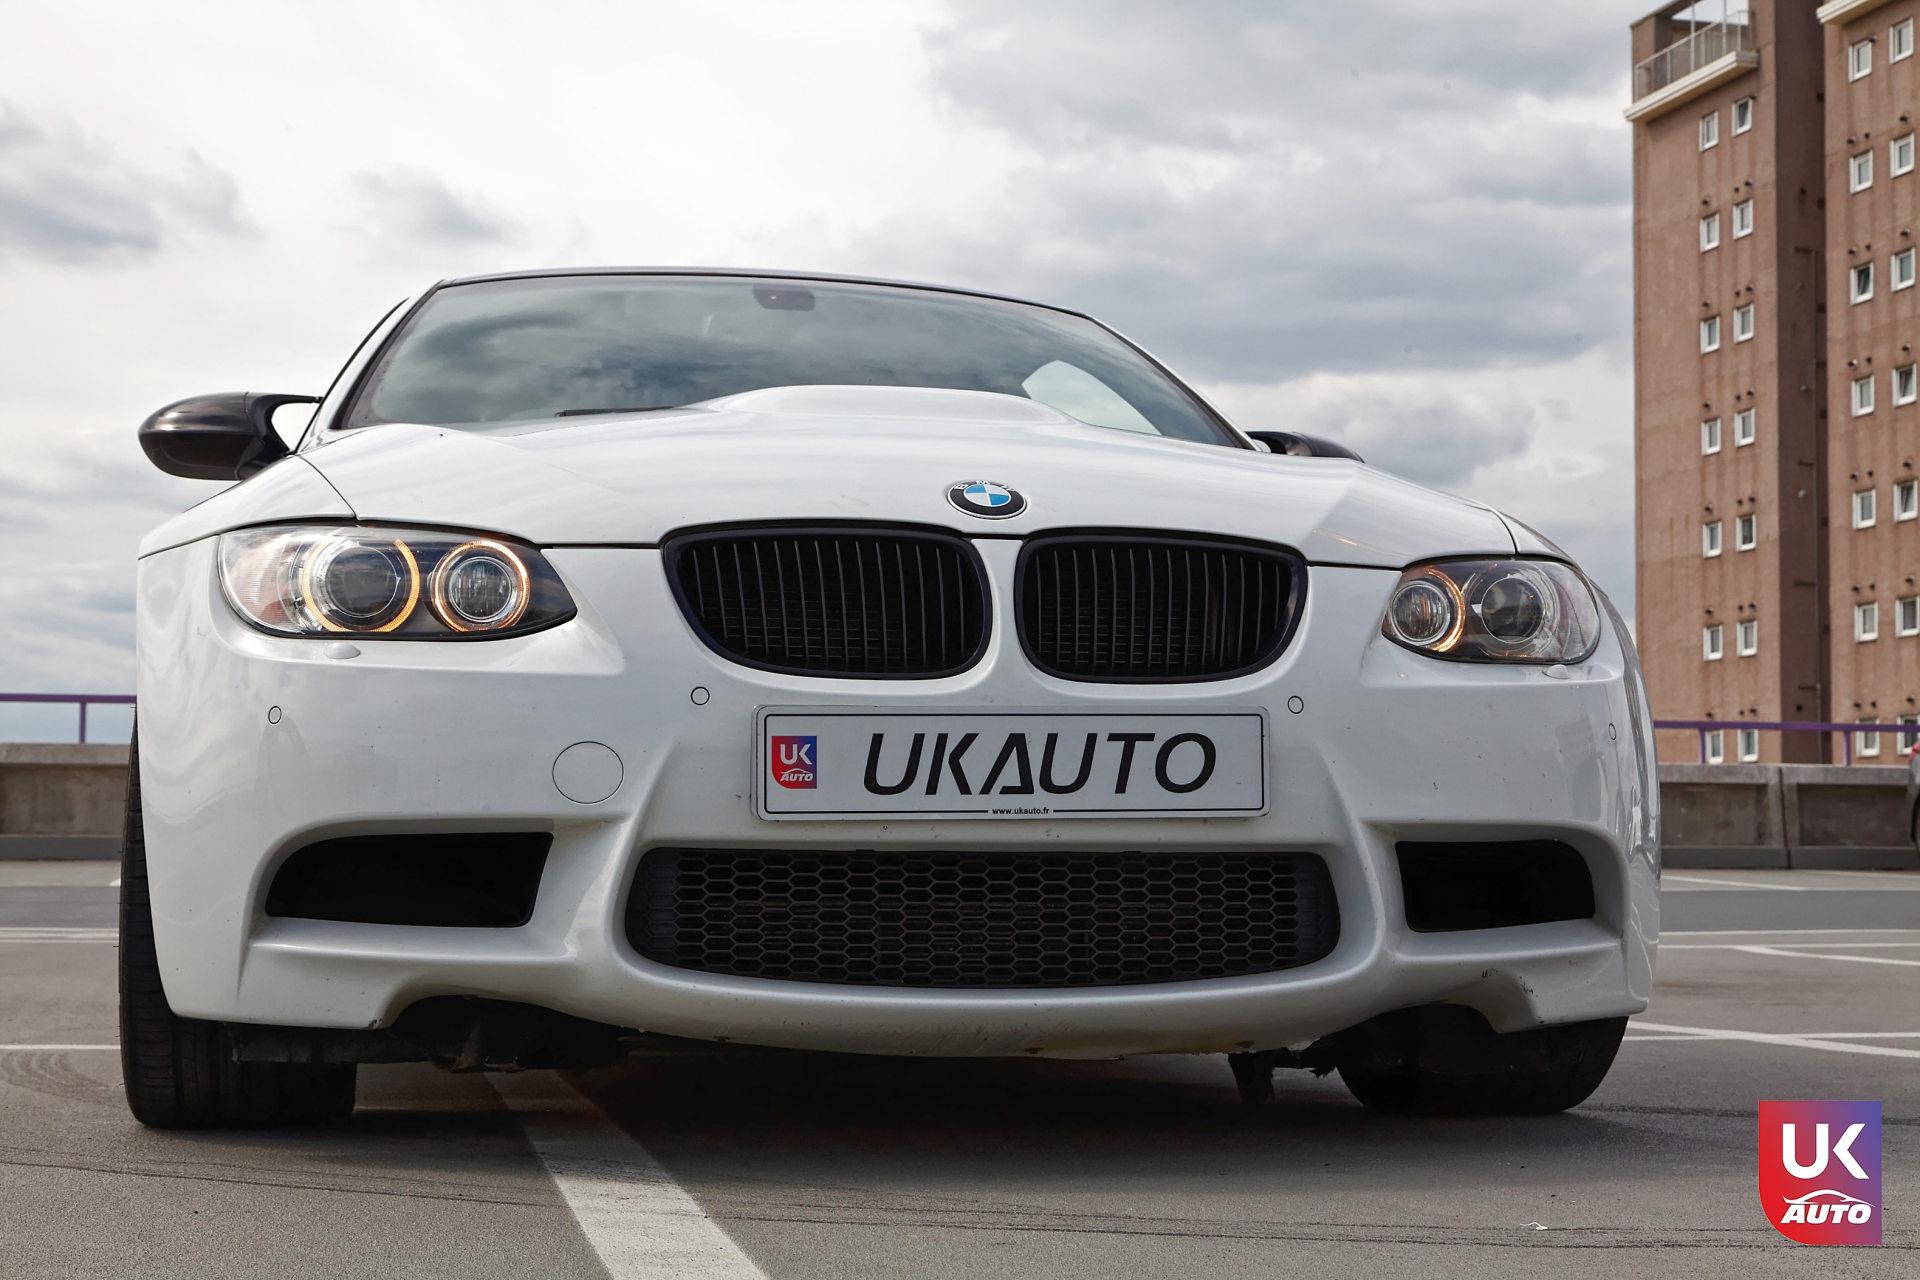 bmw m3 e92 v8 pack competition importateur bmw uk bmw angleterre m3 import uk ukauto mandataire11 DxO - IMPORTATION BMW M3 COMPETITION E92 V8 LEBONCOIN ANGLETERRE IMPORT UKAUTO FELICITATION A AUGUSTE CLIENT UKAUTO